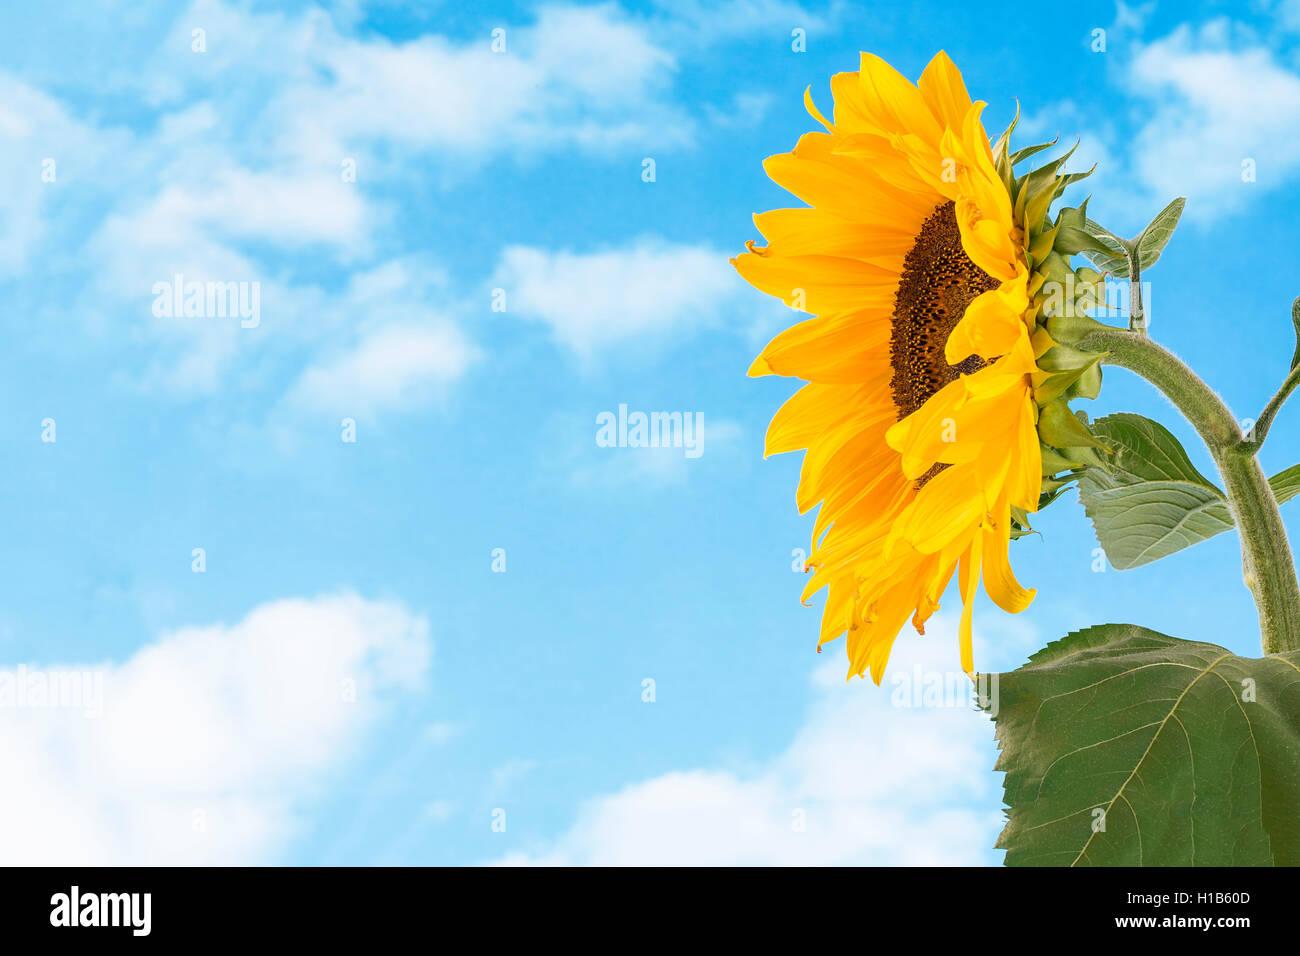 Nahaufnahme der Sonnenblume vor blauem Himmel Stockbild